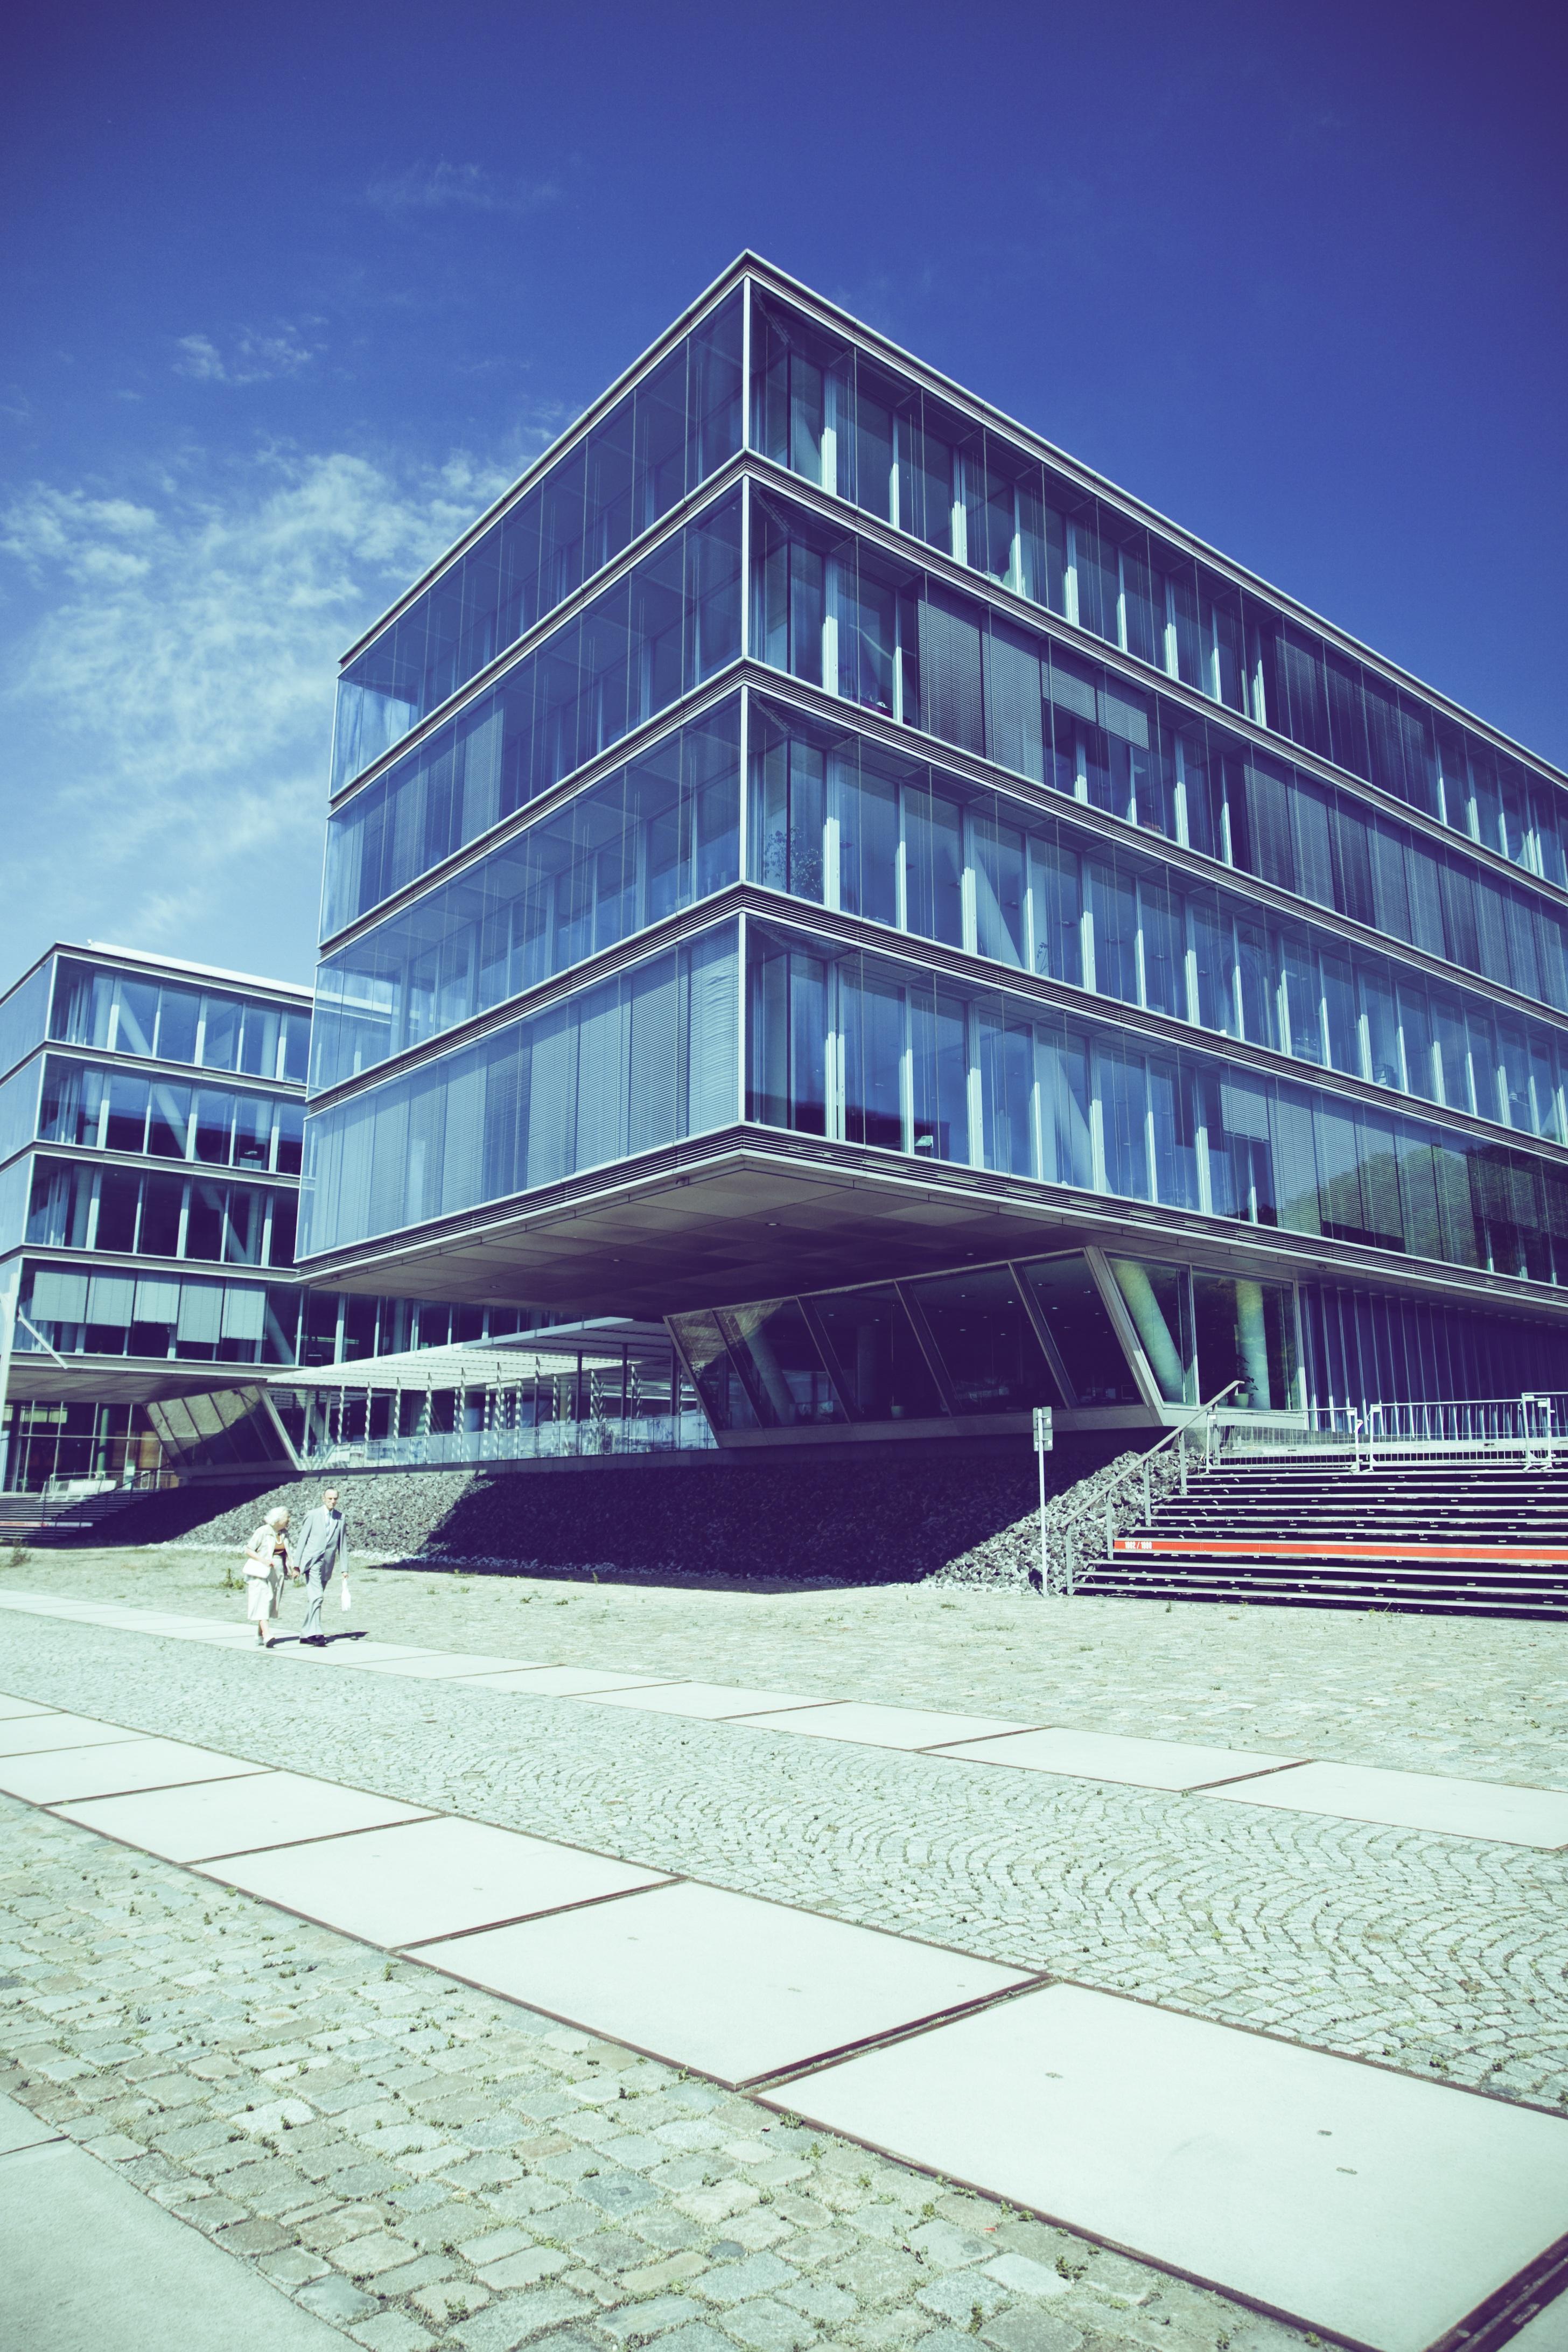 Stehlen Hamburg kostenlose foto die architektur fenster glas gebäude stadt